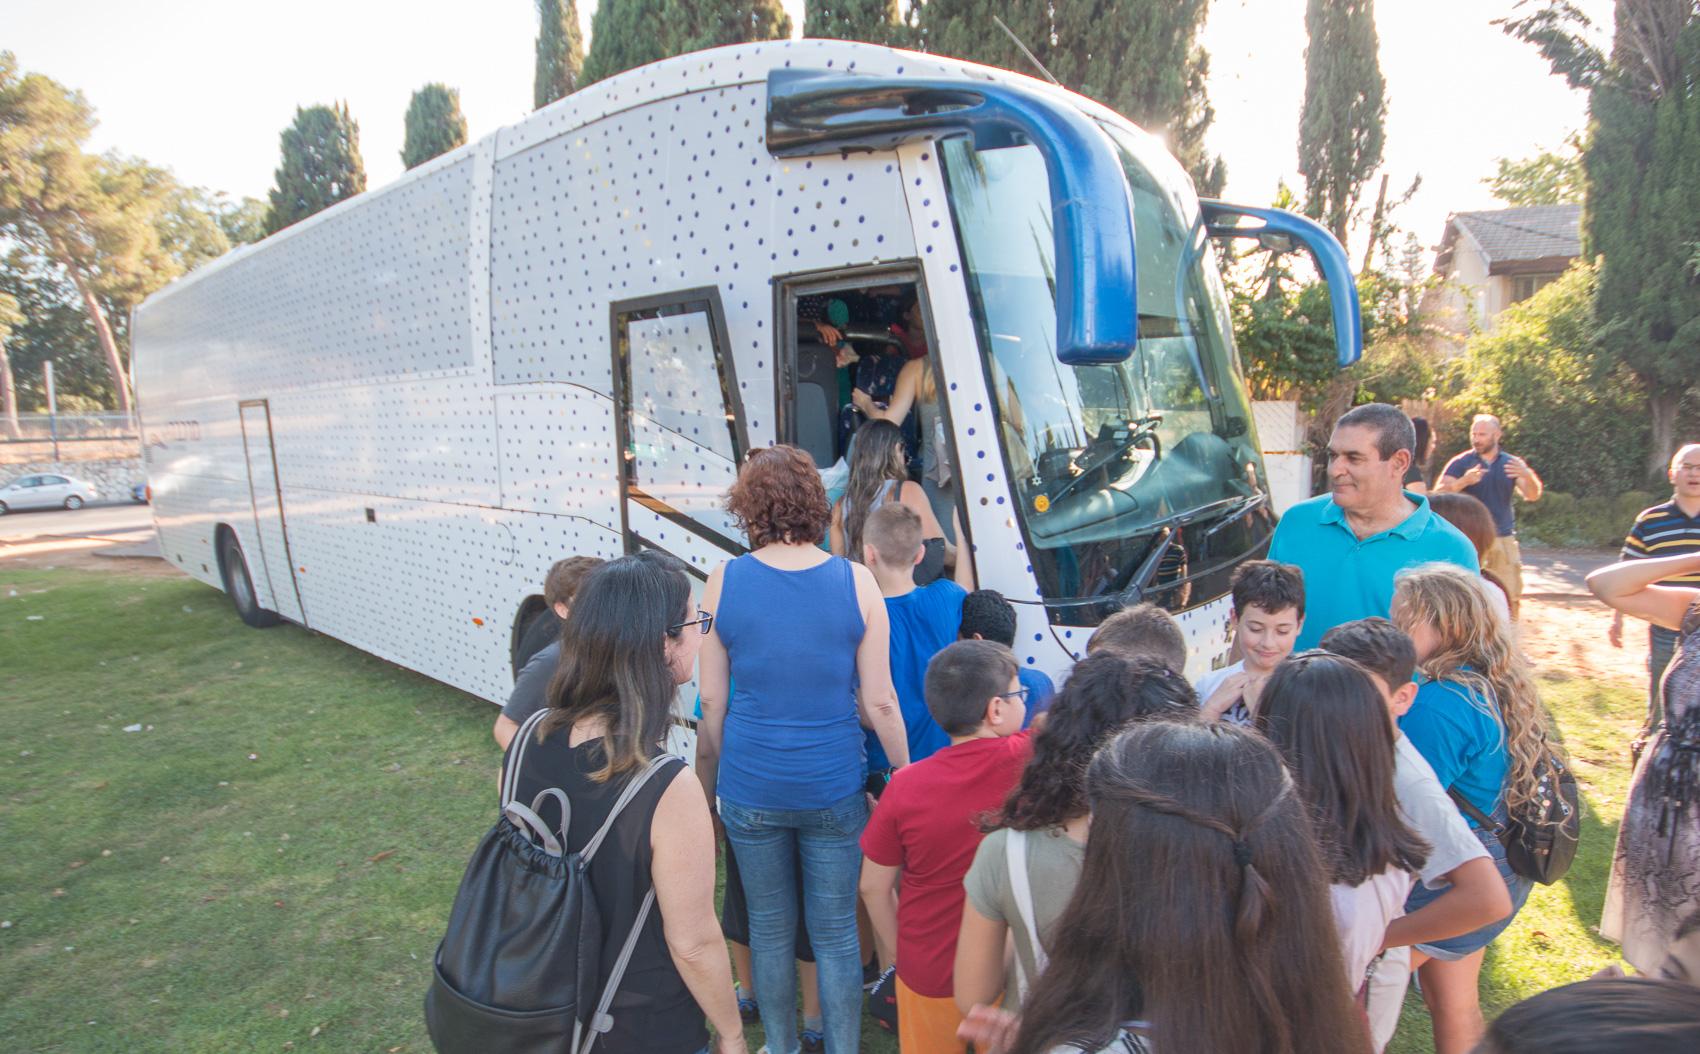 אוטובוס האמנות של מוזיאון פתח תקוה. צילום: דוברות העירייה